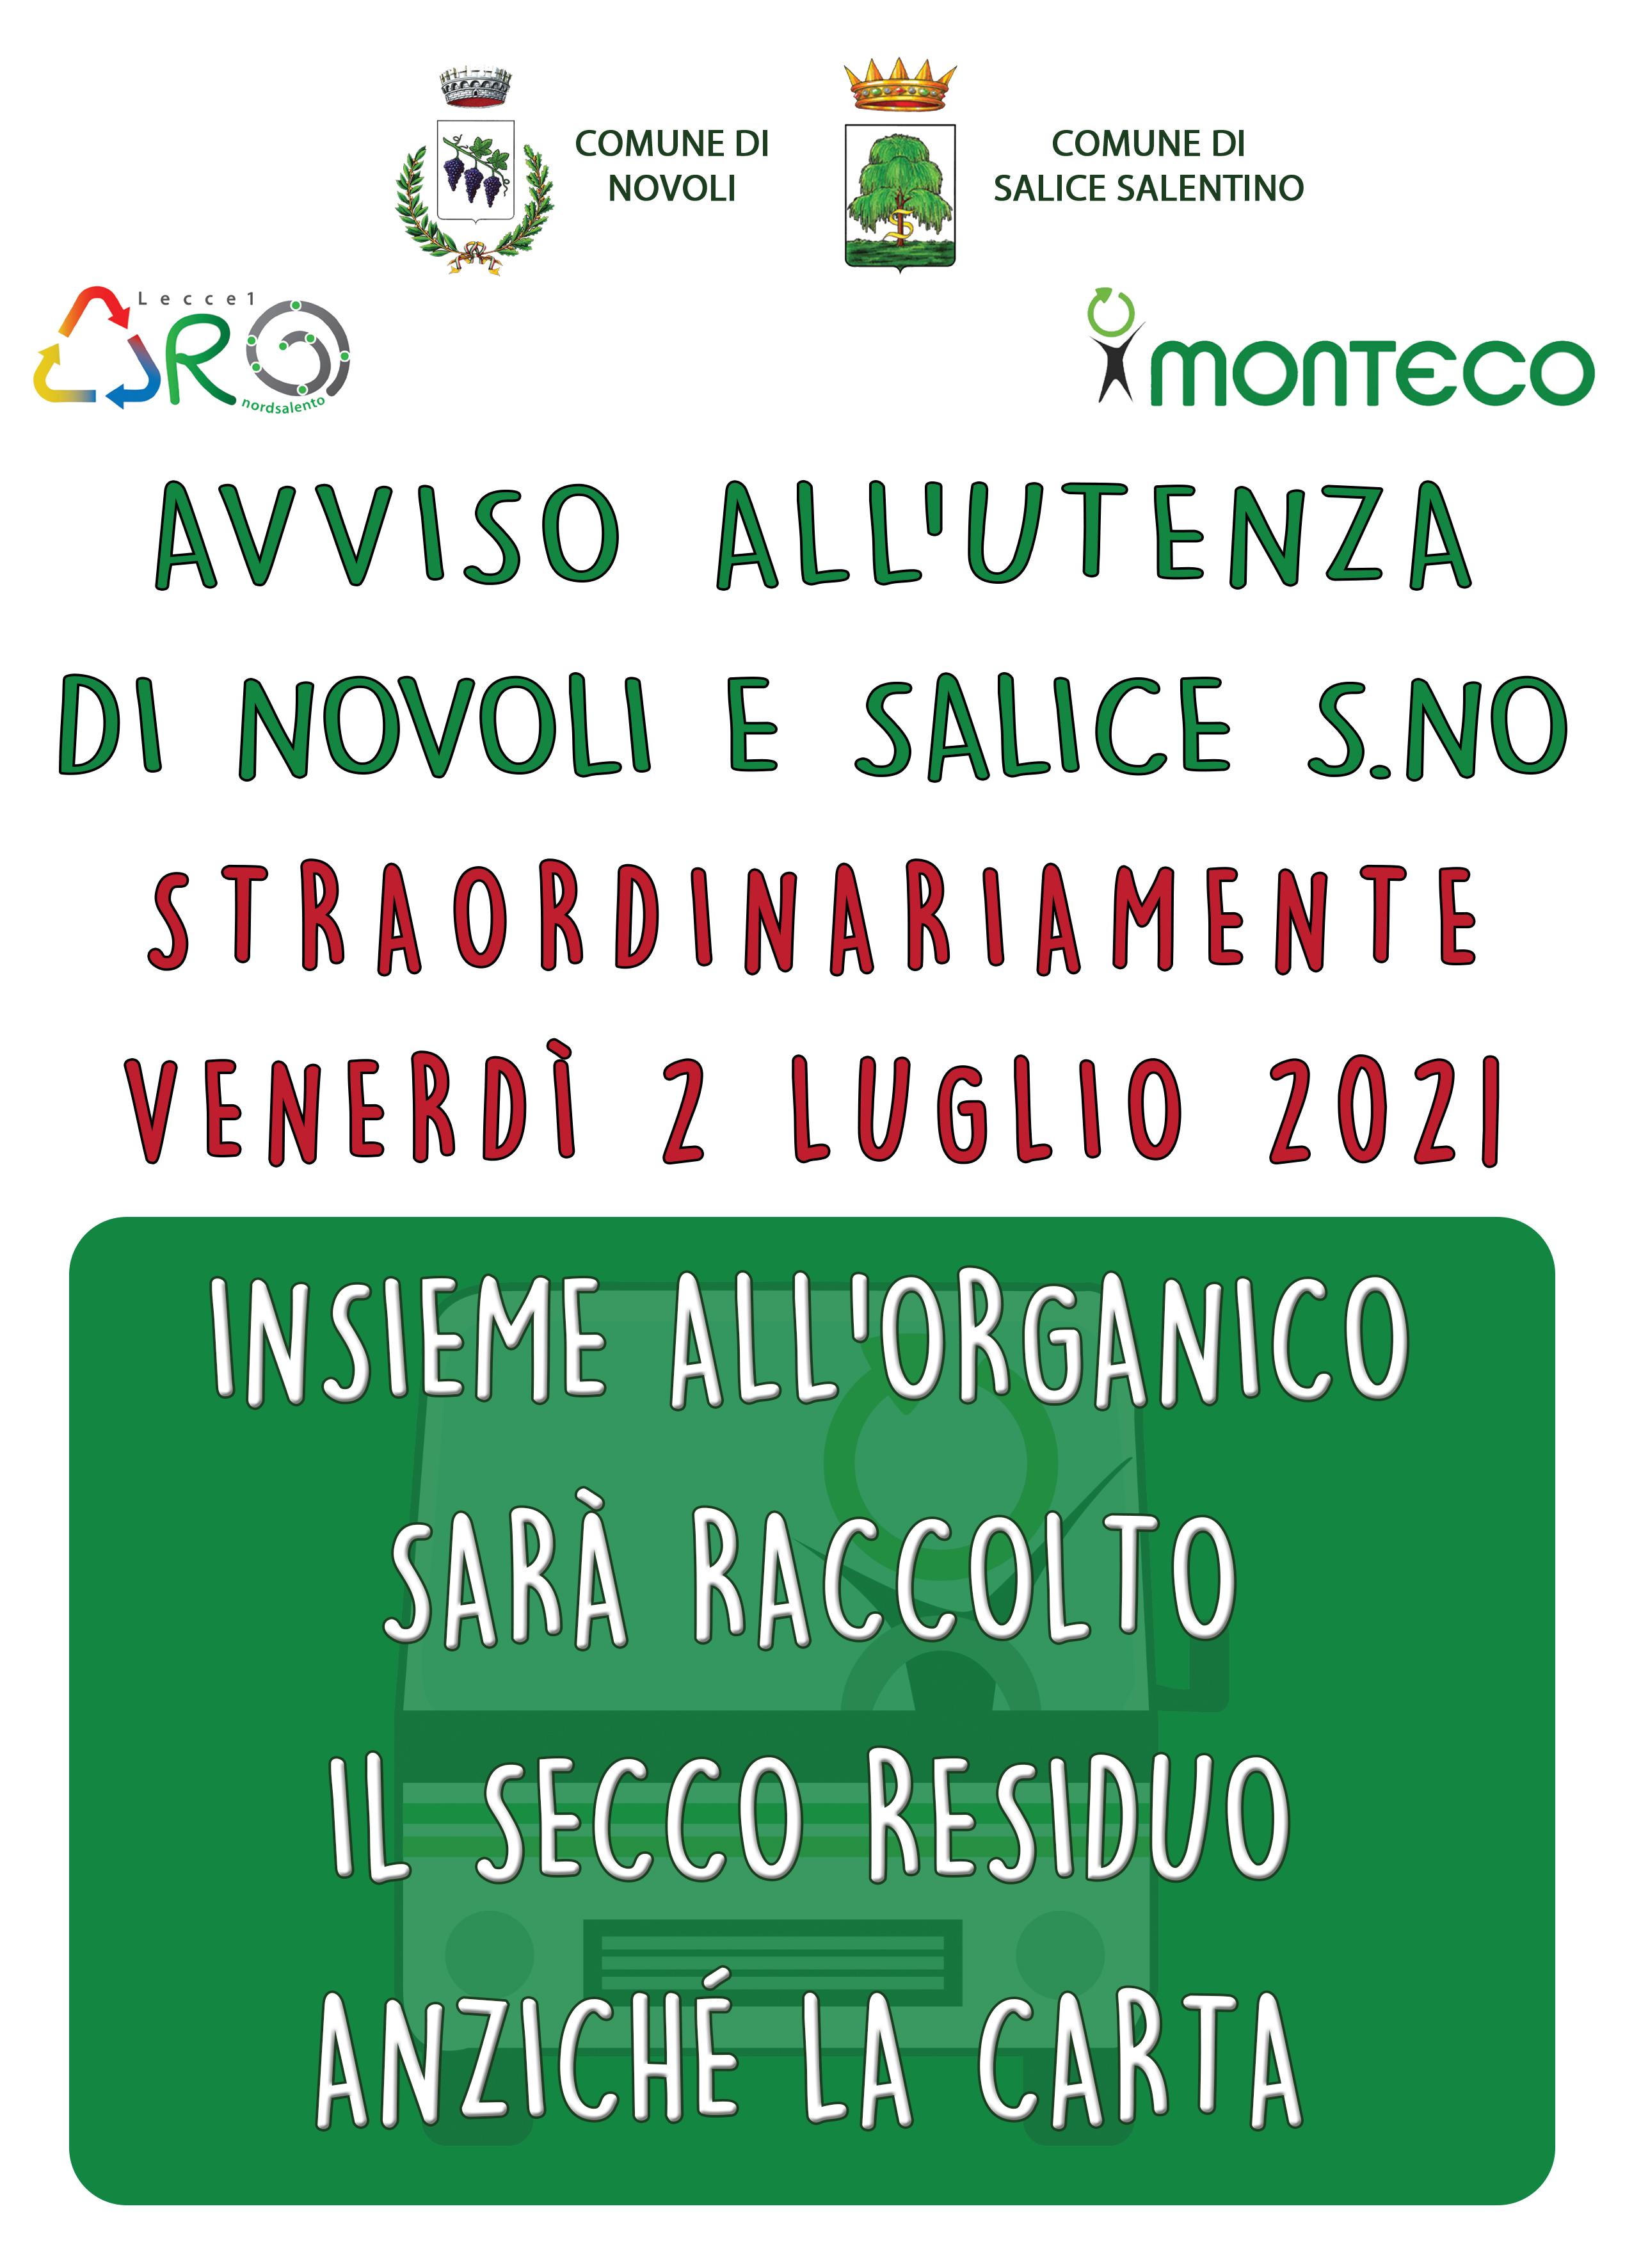 Comuni di Novoli e Salice Salentino. Straordinariamente venerdì 2 luglio 2021 sarà raccolto il secco anziché la carta